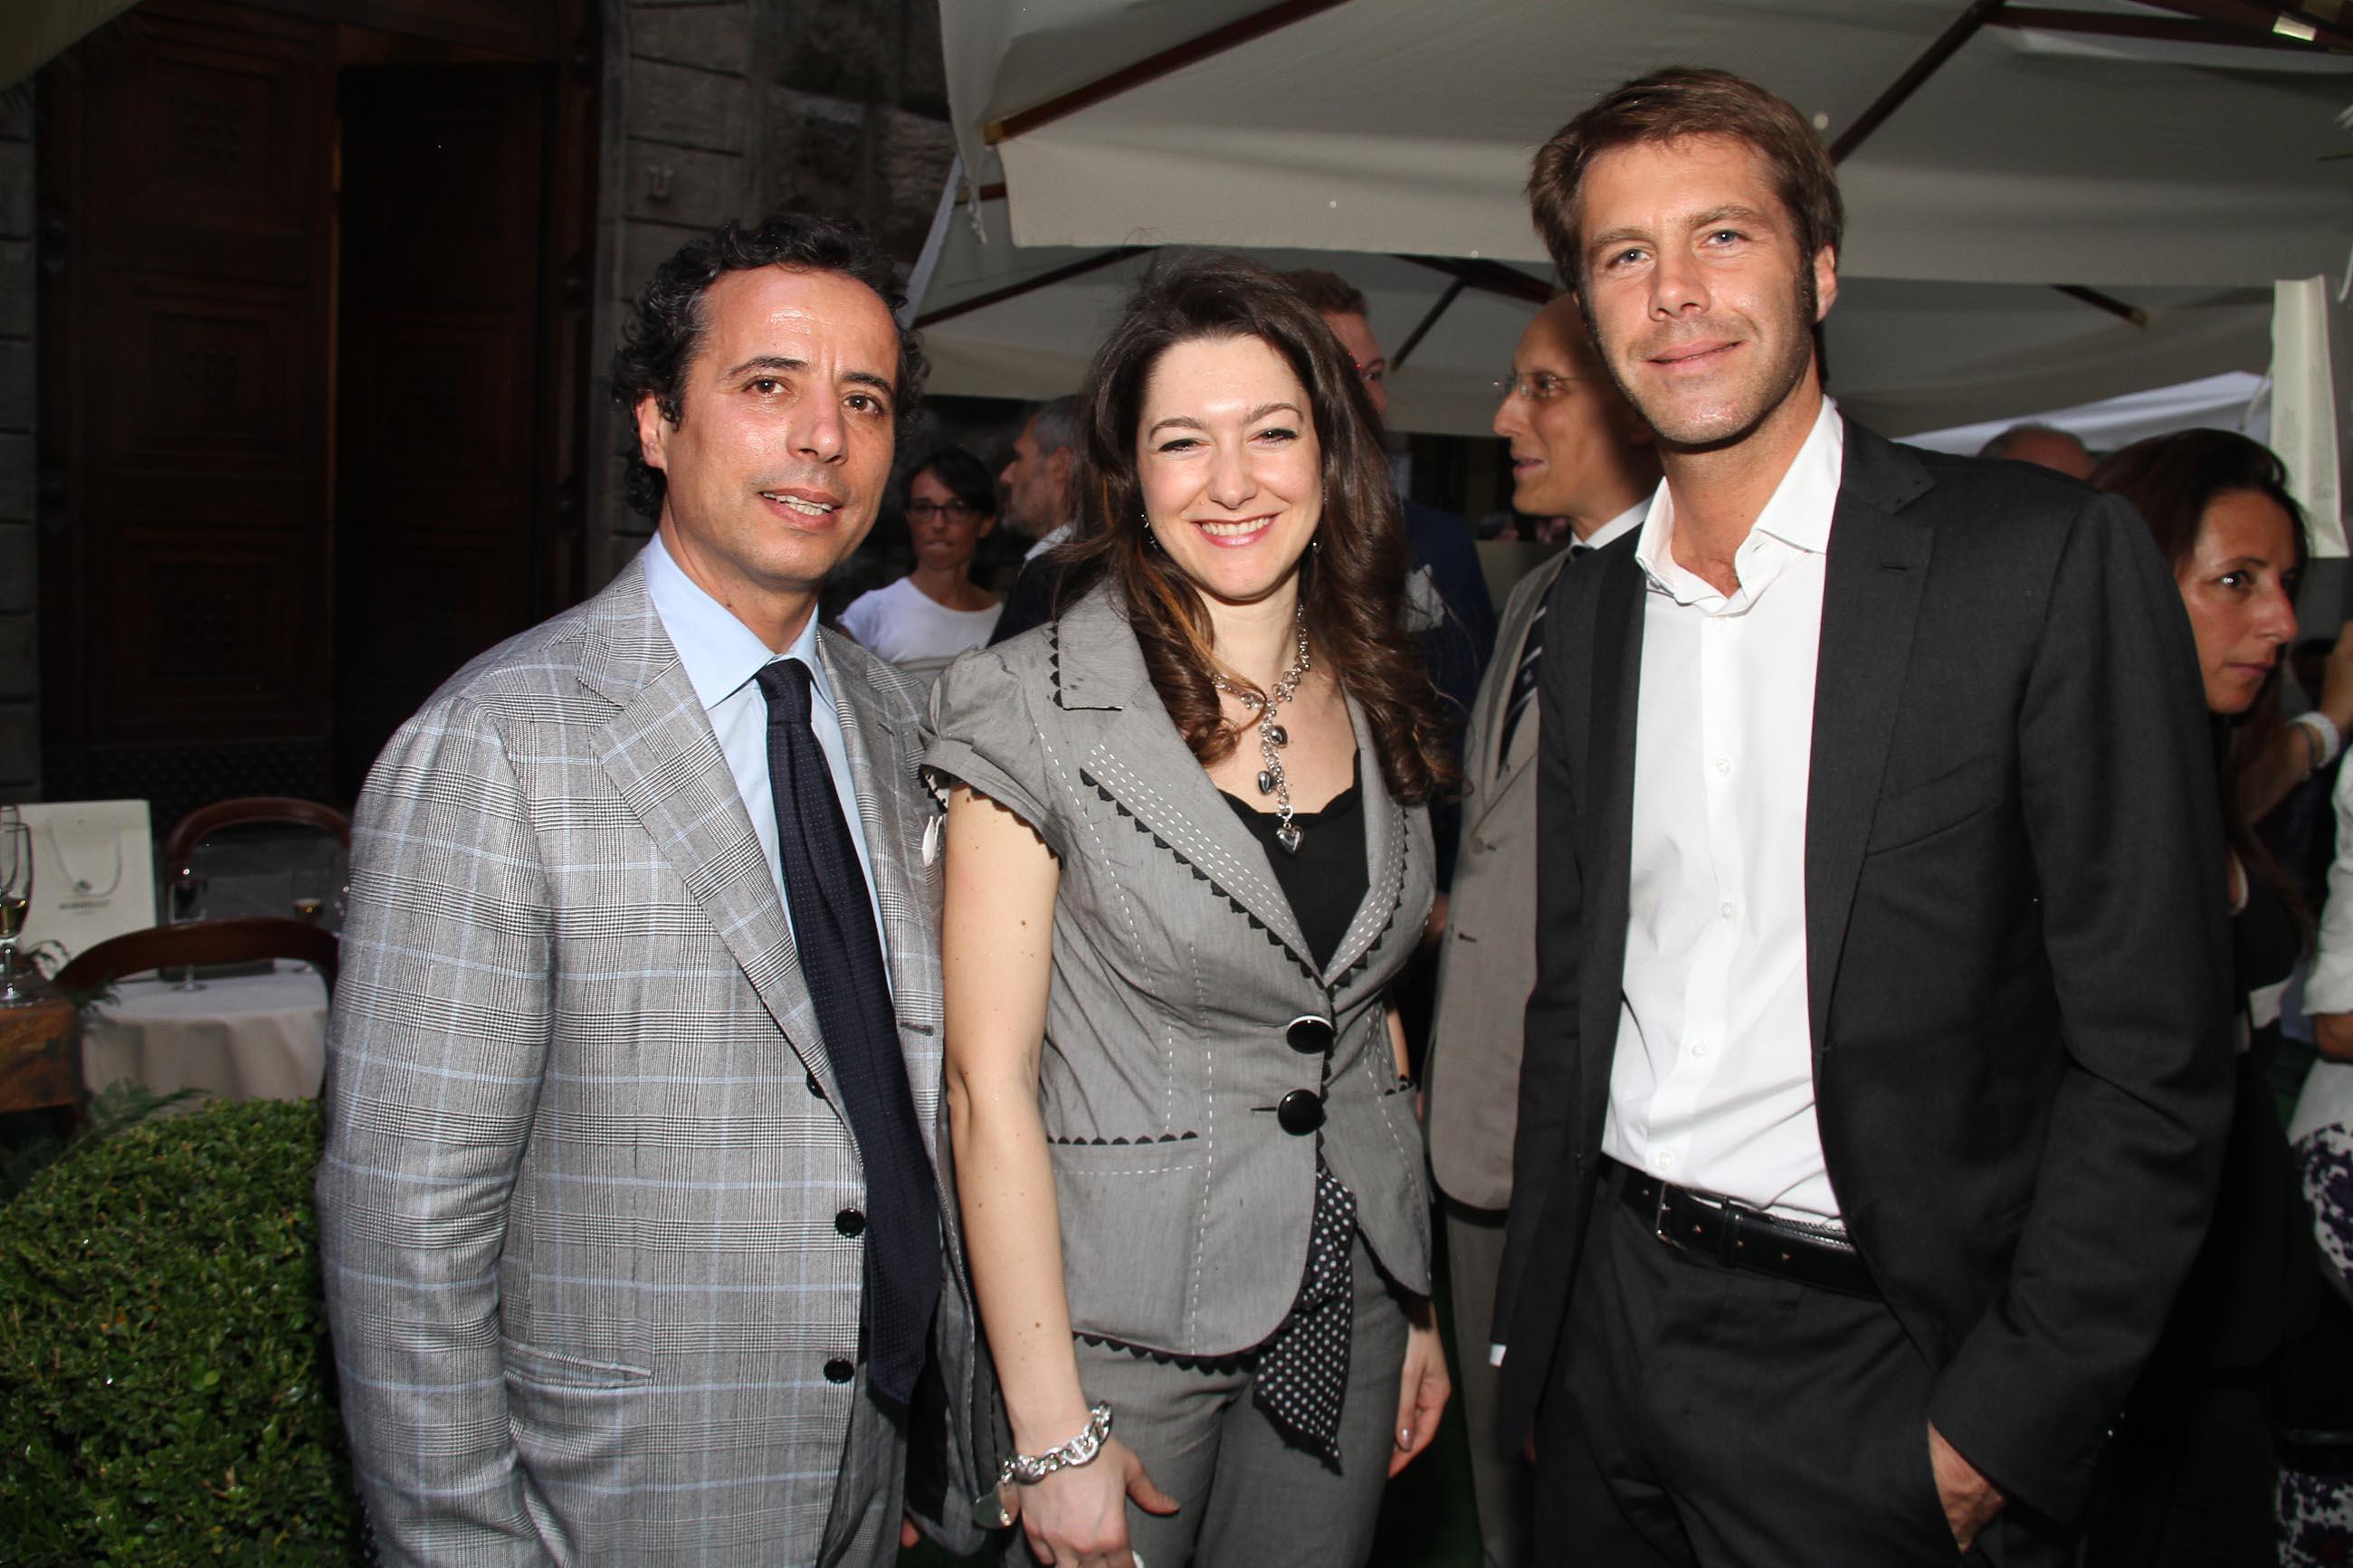 PRESSPHOTO Firenze, Evento Milord Aston Martin. Nella foto Emanuele Filiberto con Enrico Manzo e Elena Passeri